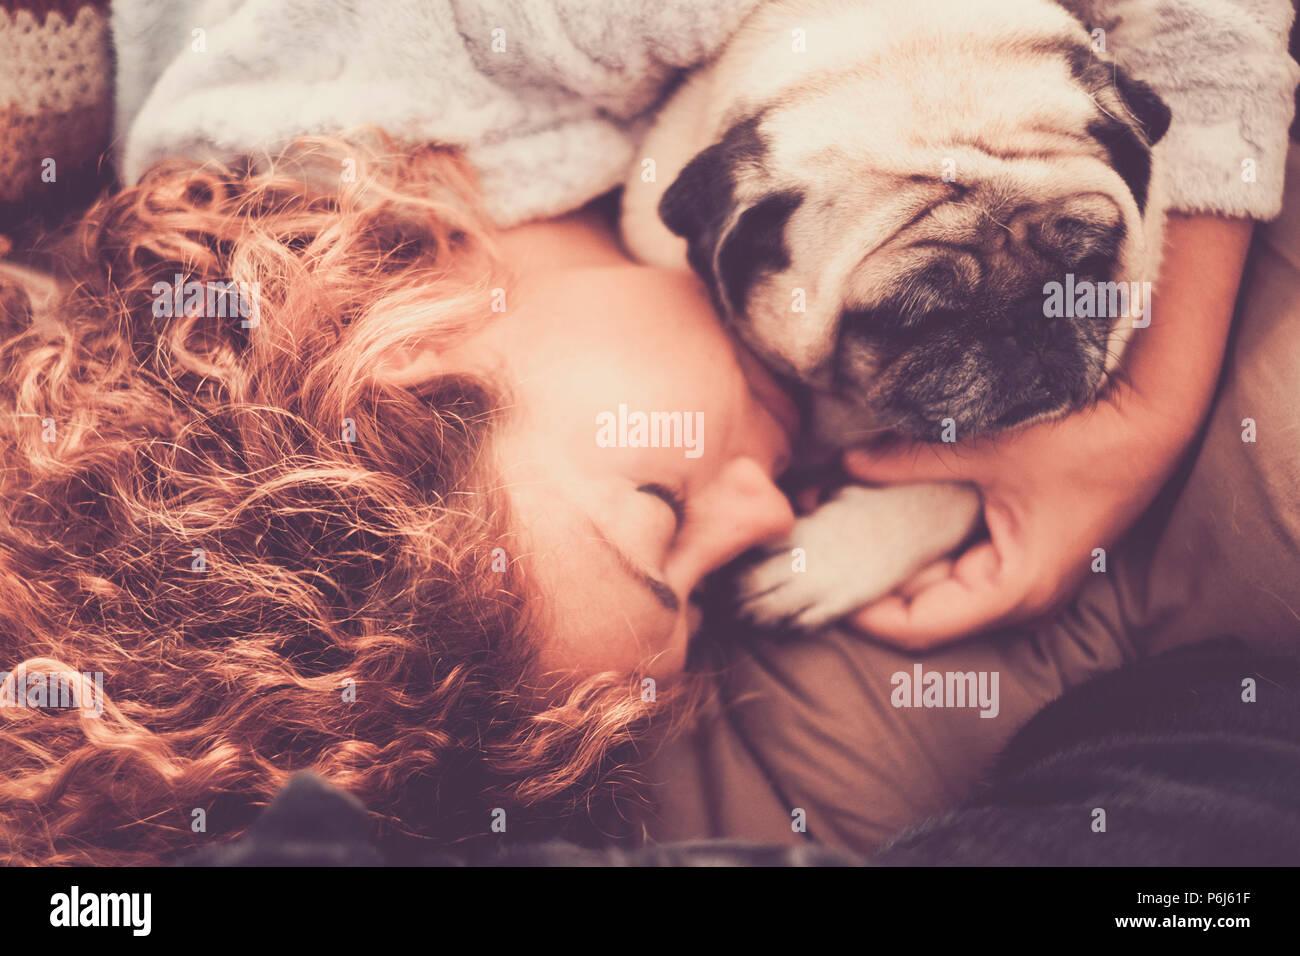 Vero vero amore tra Medioevo bella donna dorme caucasica e proteggere i suoi migliori amici cane pug. Amicizia e relazione a casa in Immagini Stock